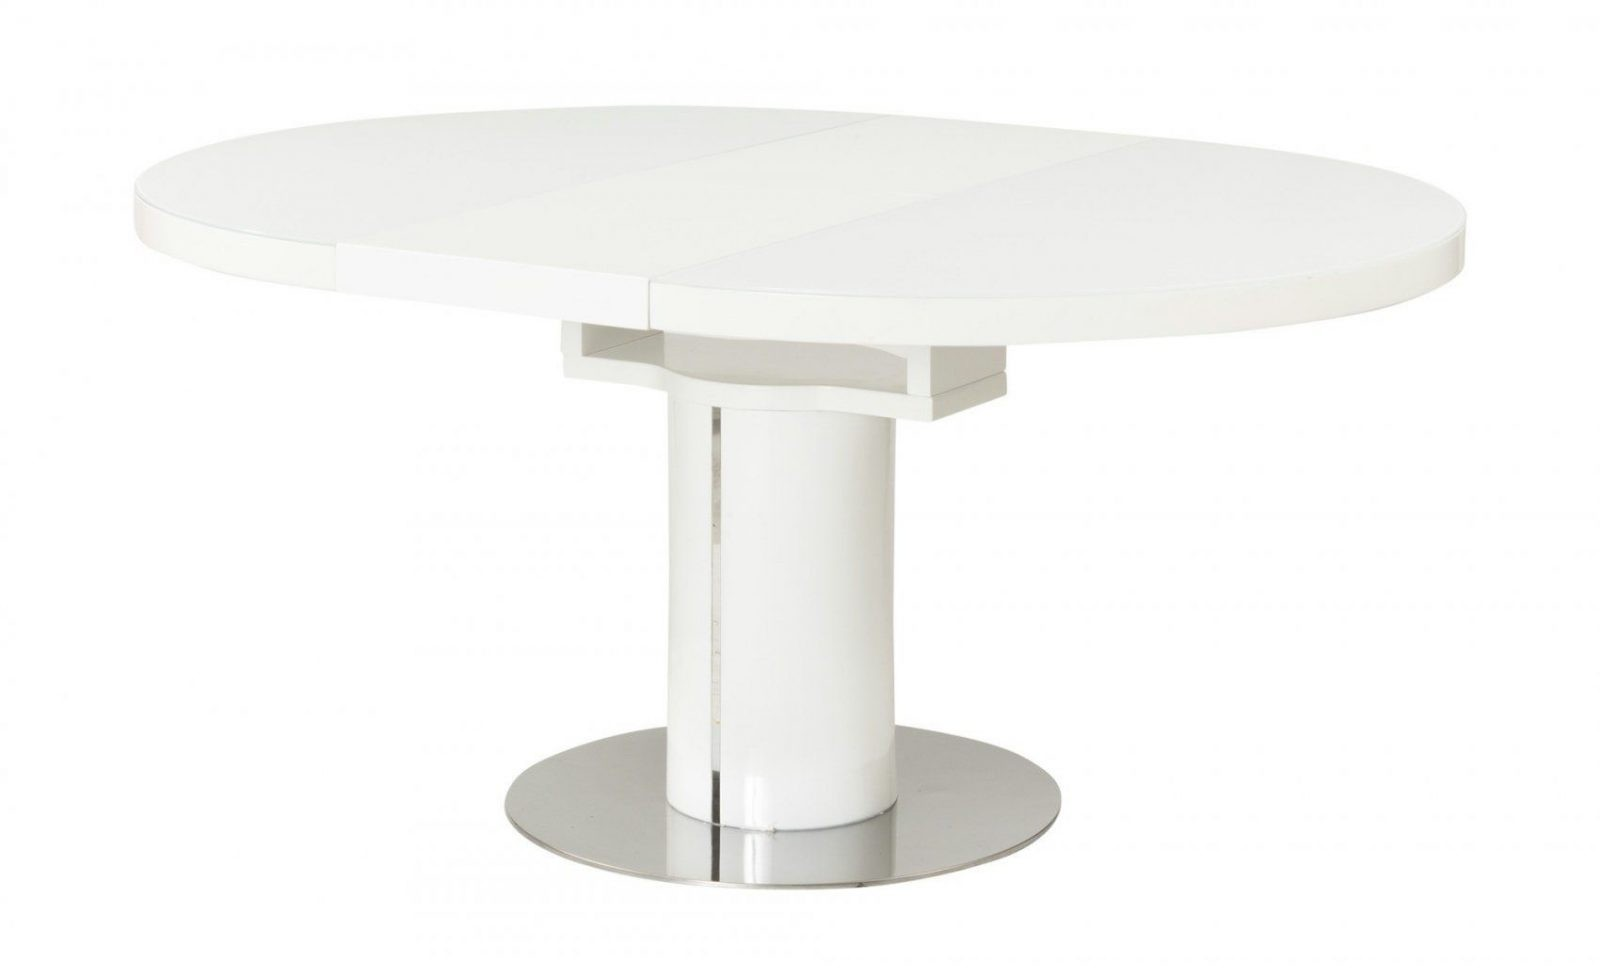 esstisch rund modern ausziehbar, esstische ausziehbar eatisch simon quadratisch in kernbuche esstisch, Design ideen